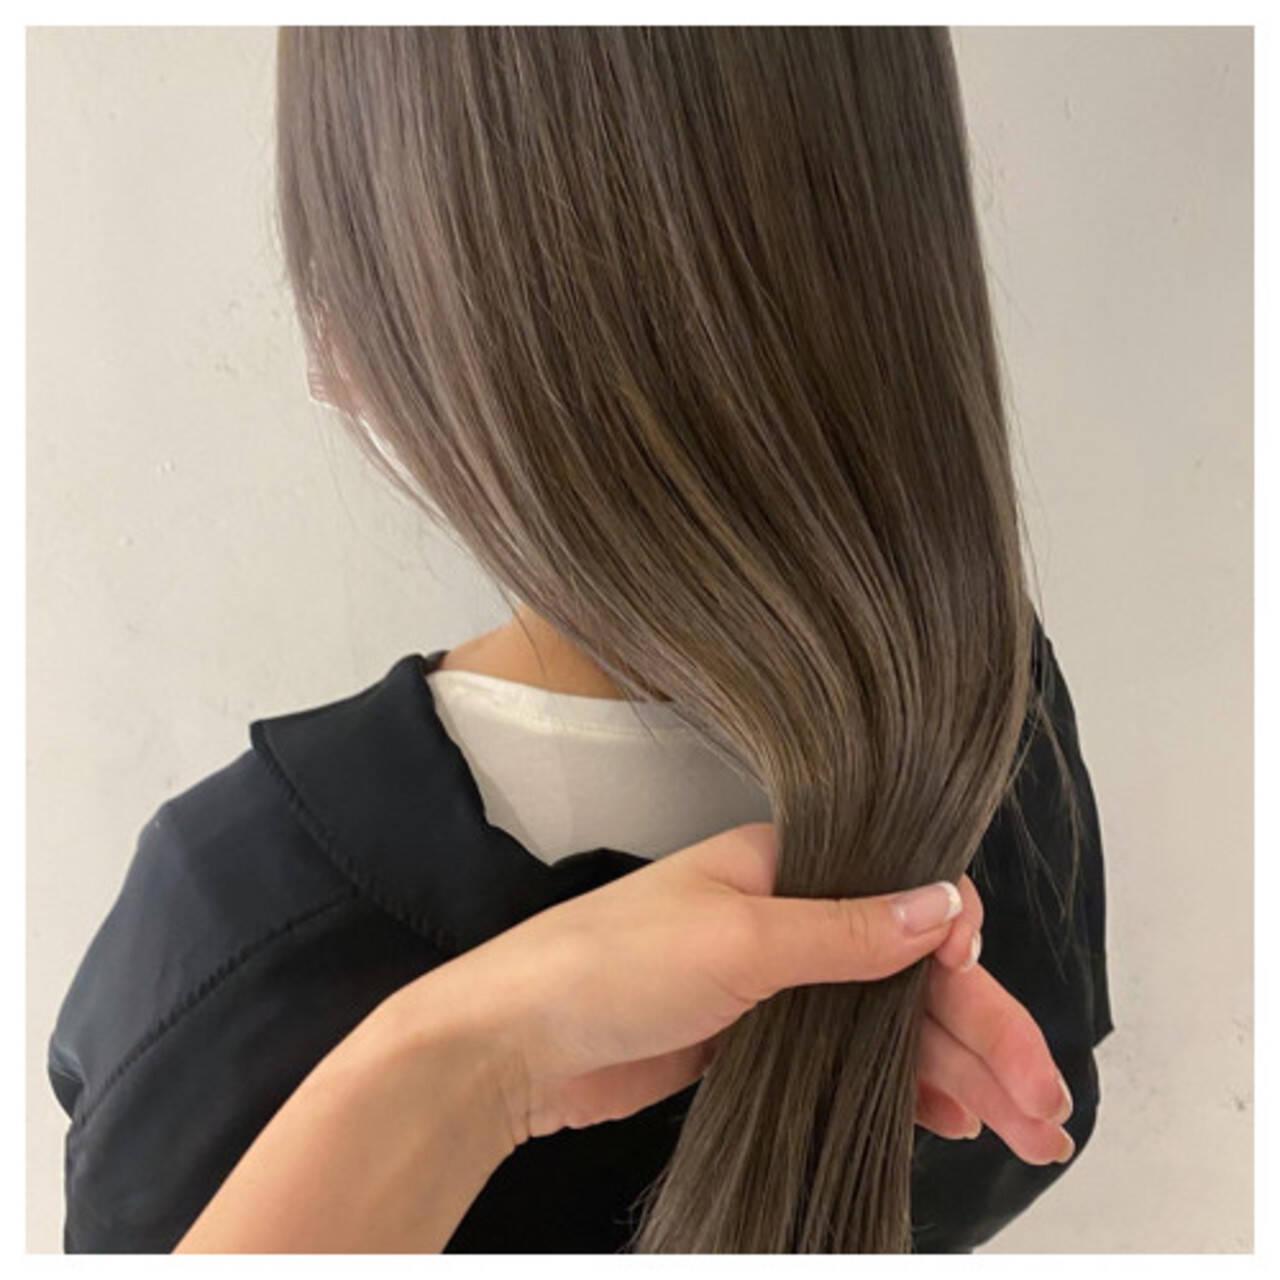 グレージュ 透明感 ロング デザインカラーヘアスタイルや髪型の写真・画像